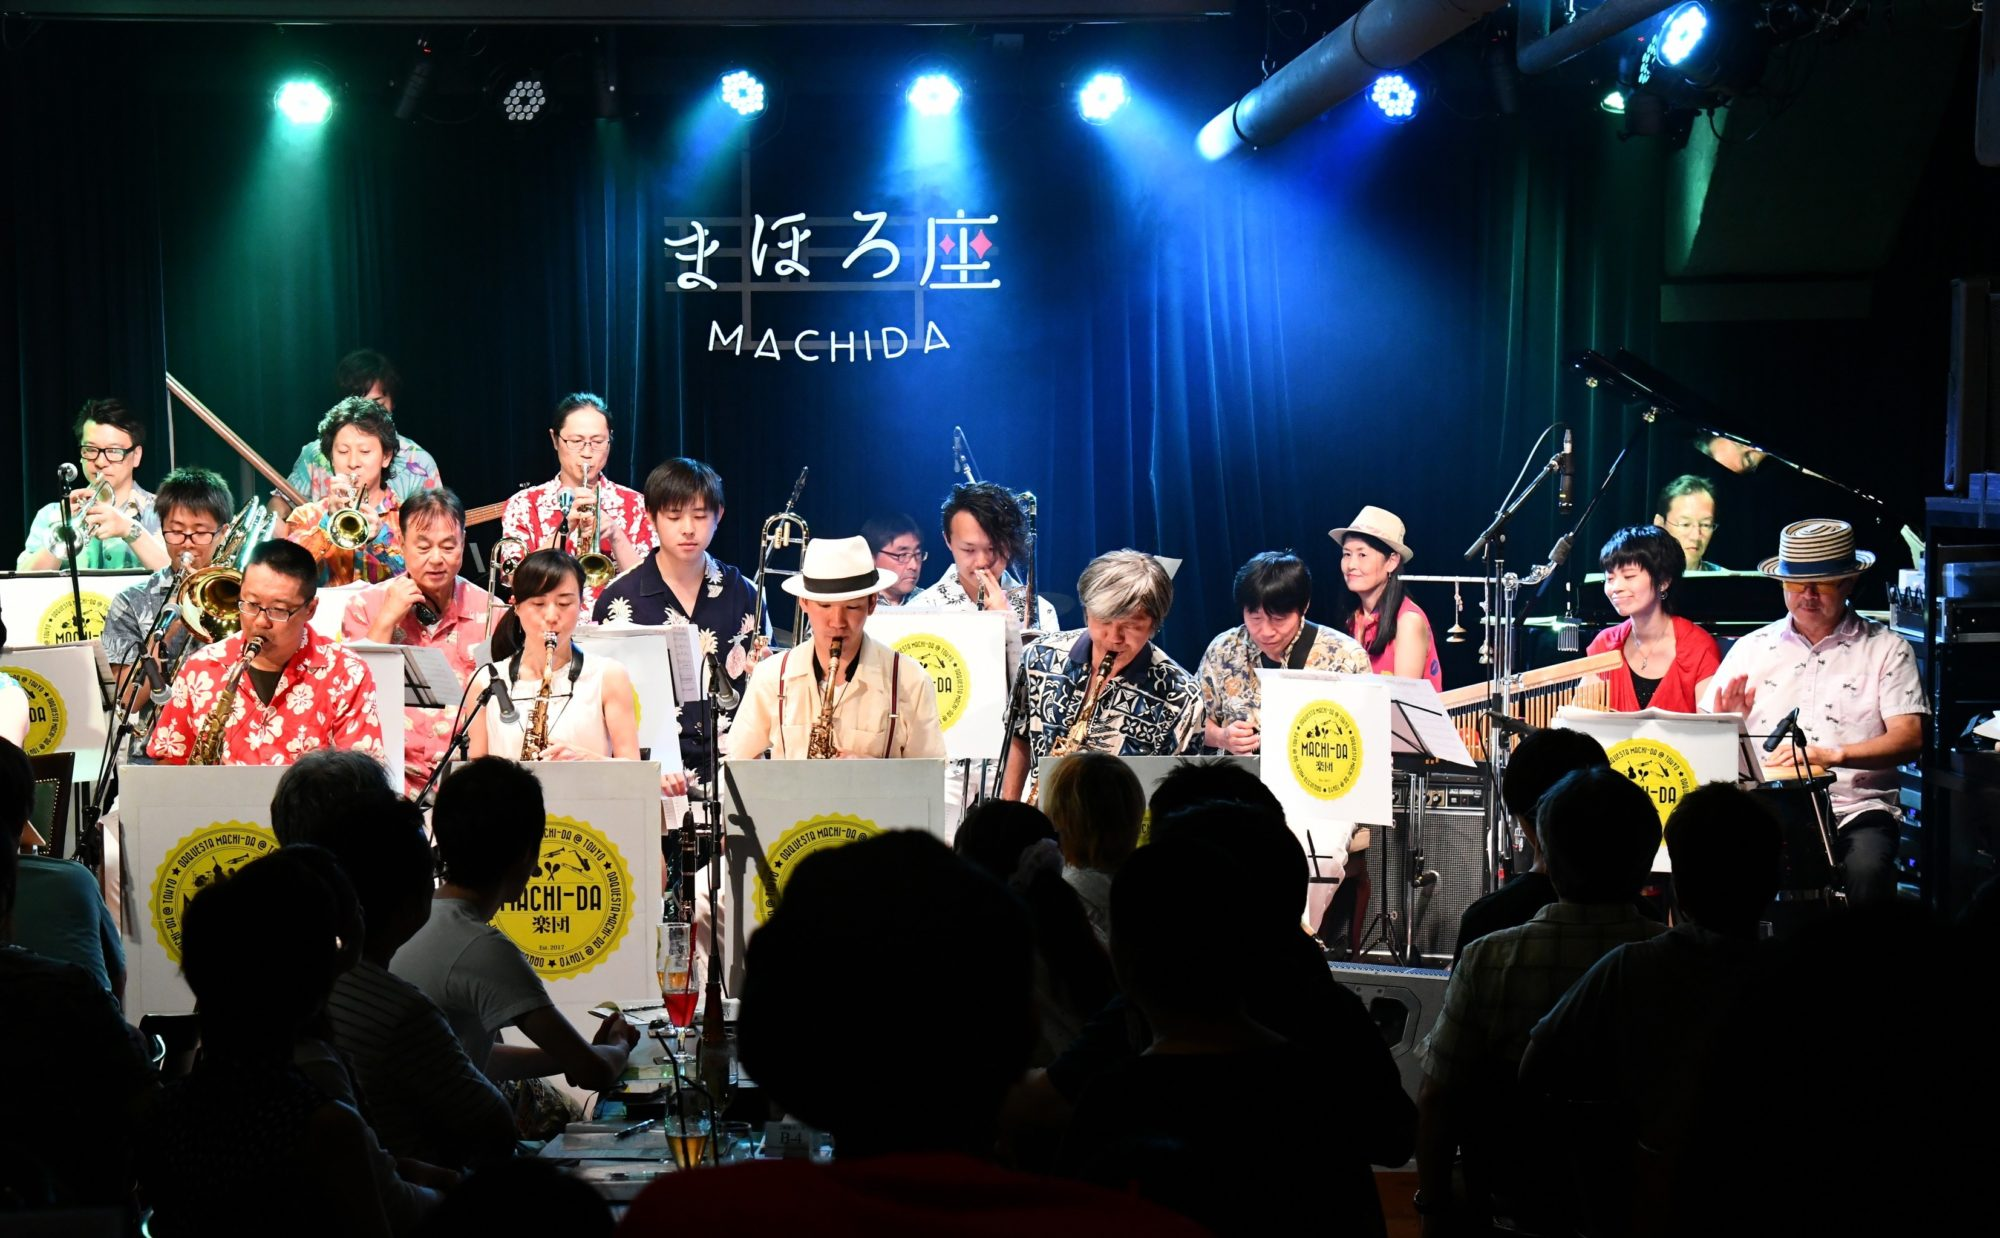 Orquesta Machi-da